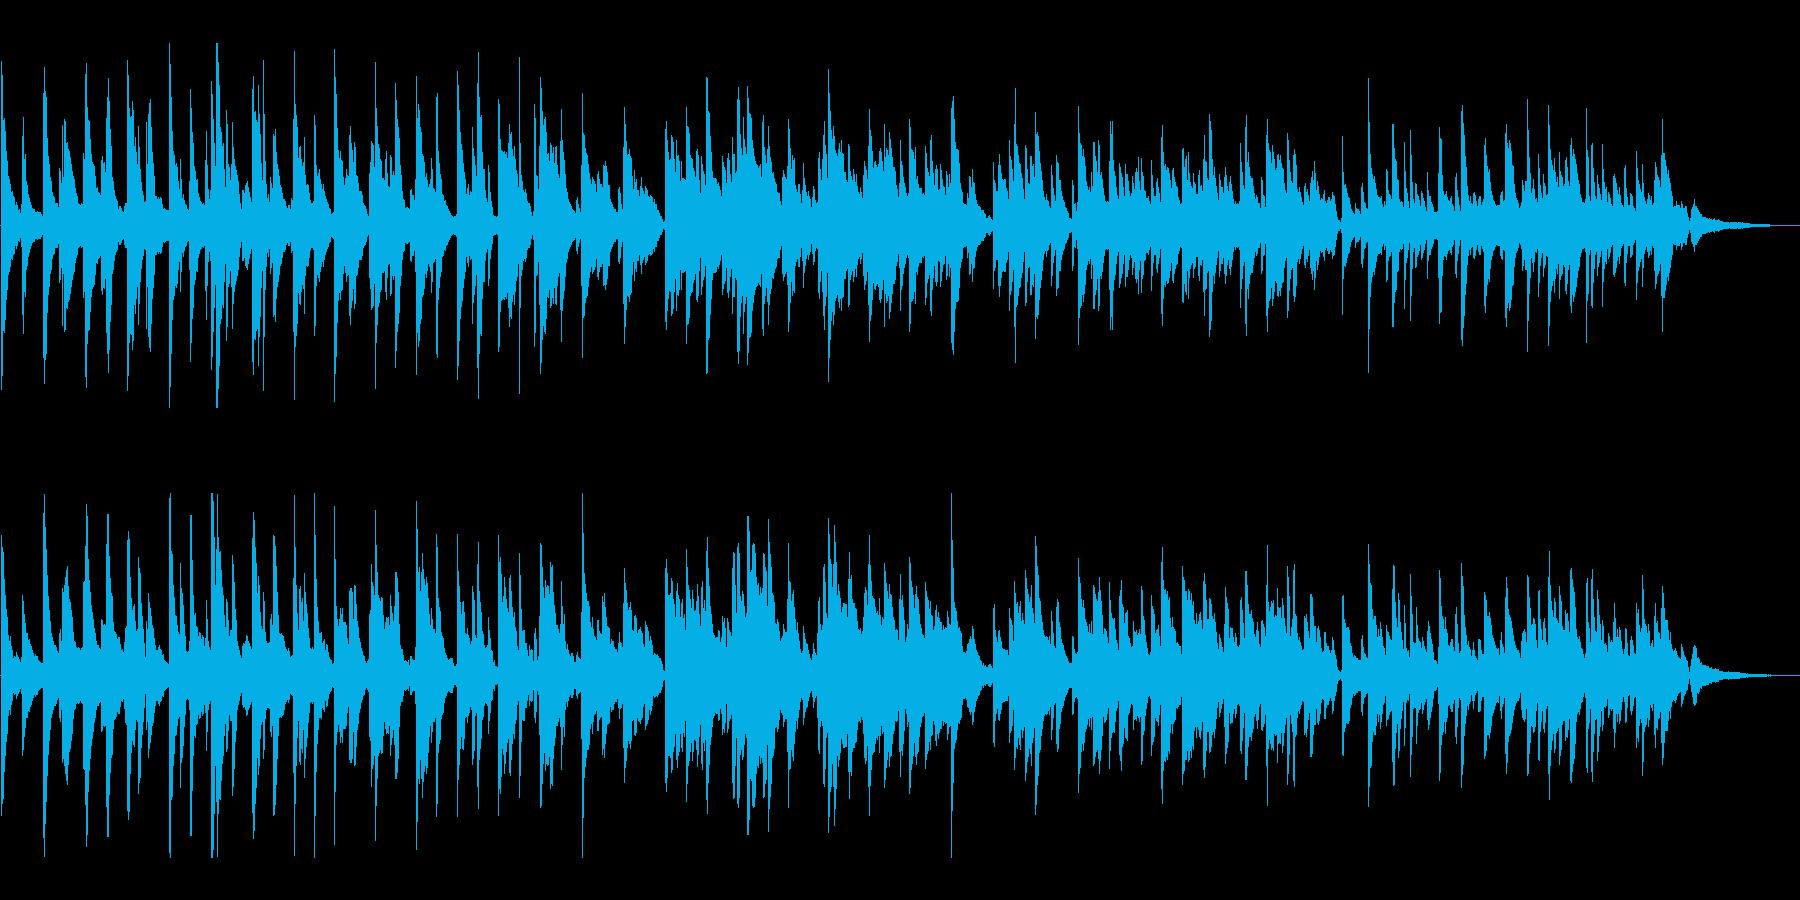 【ピアノ・ソロ】情緒的で感動系の映像向けの再生済みの波形